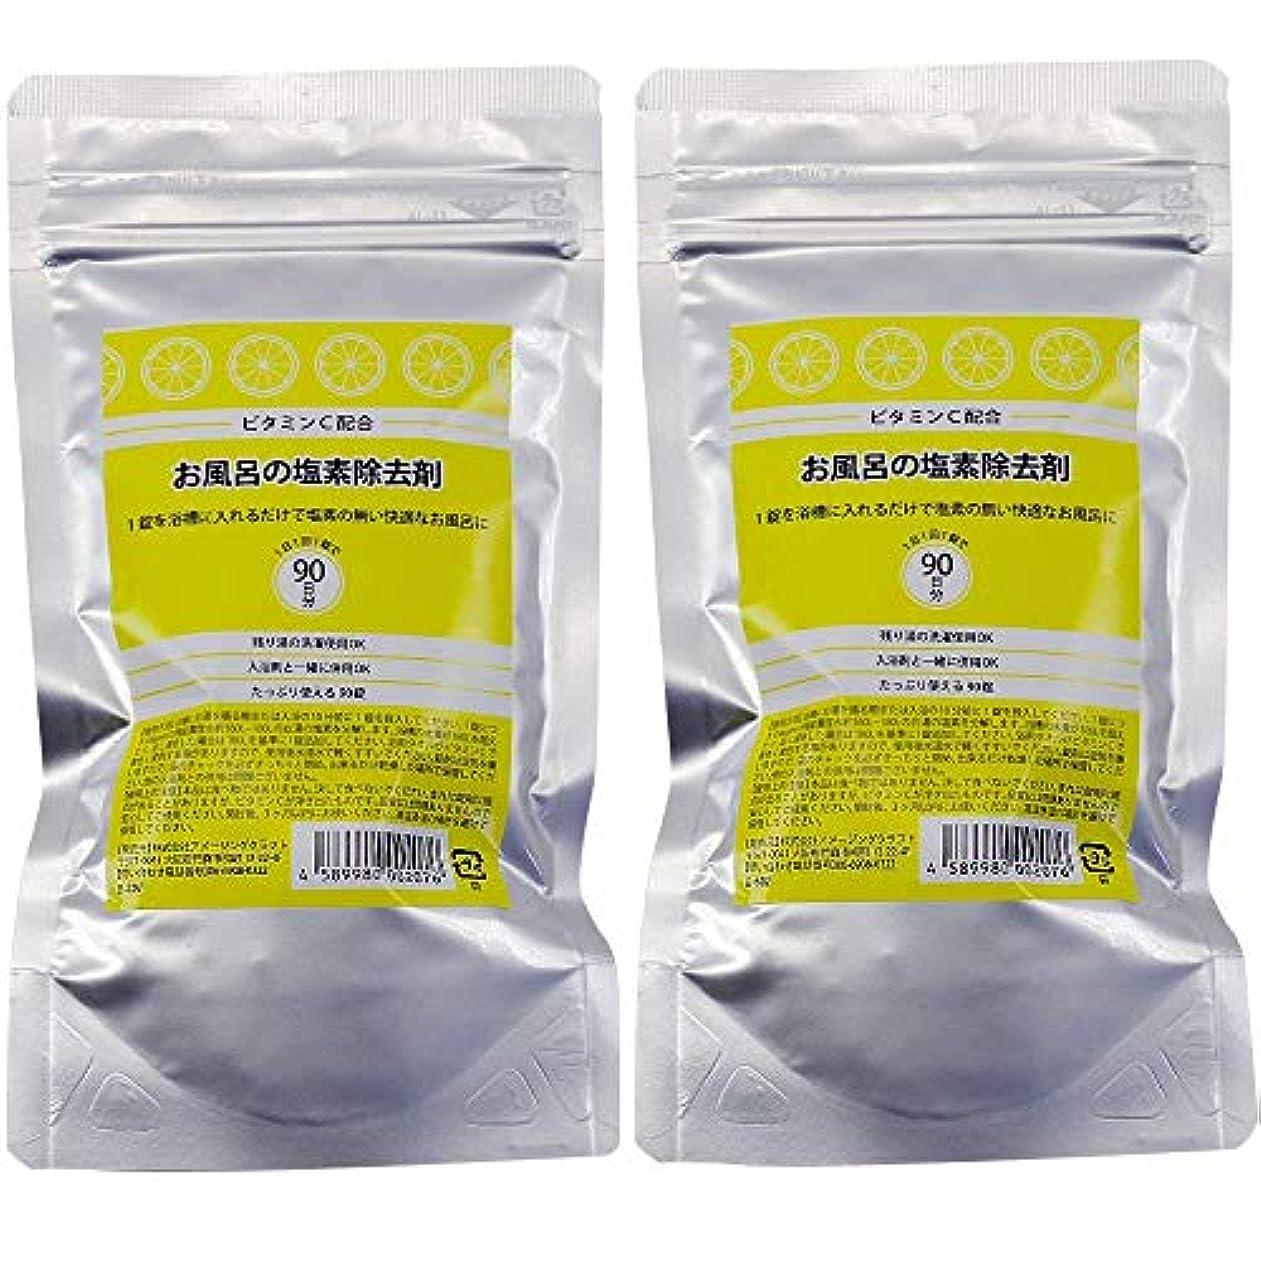 干し草チョコレート控えるビタミンC配合 お風呂の塩素除去剤 錠剤タイプ 90錠 2個セット 浴槽用脱塩素剤